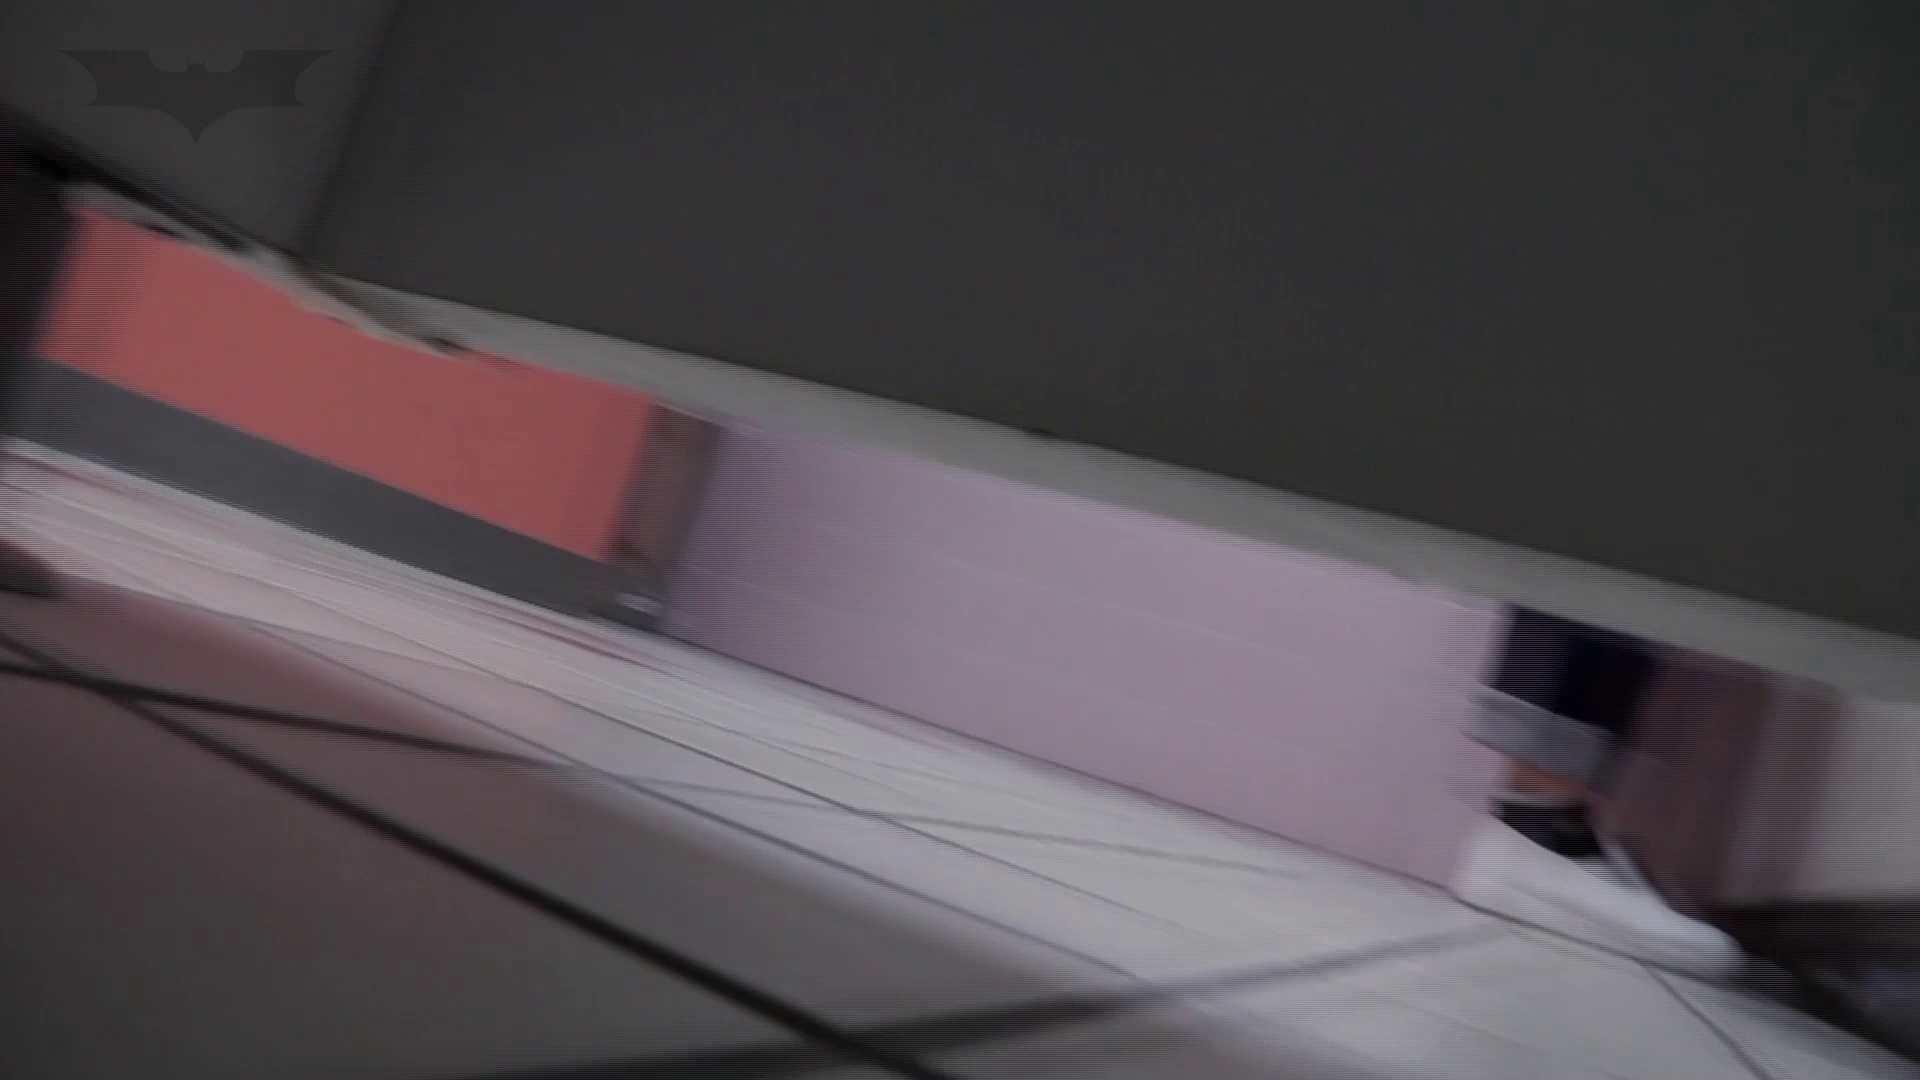 美しい日本の未来 No.31 新しいアングルに挑戦 覗き えろ無修正画像 87連発 74